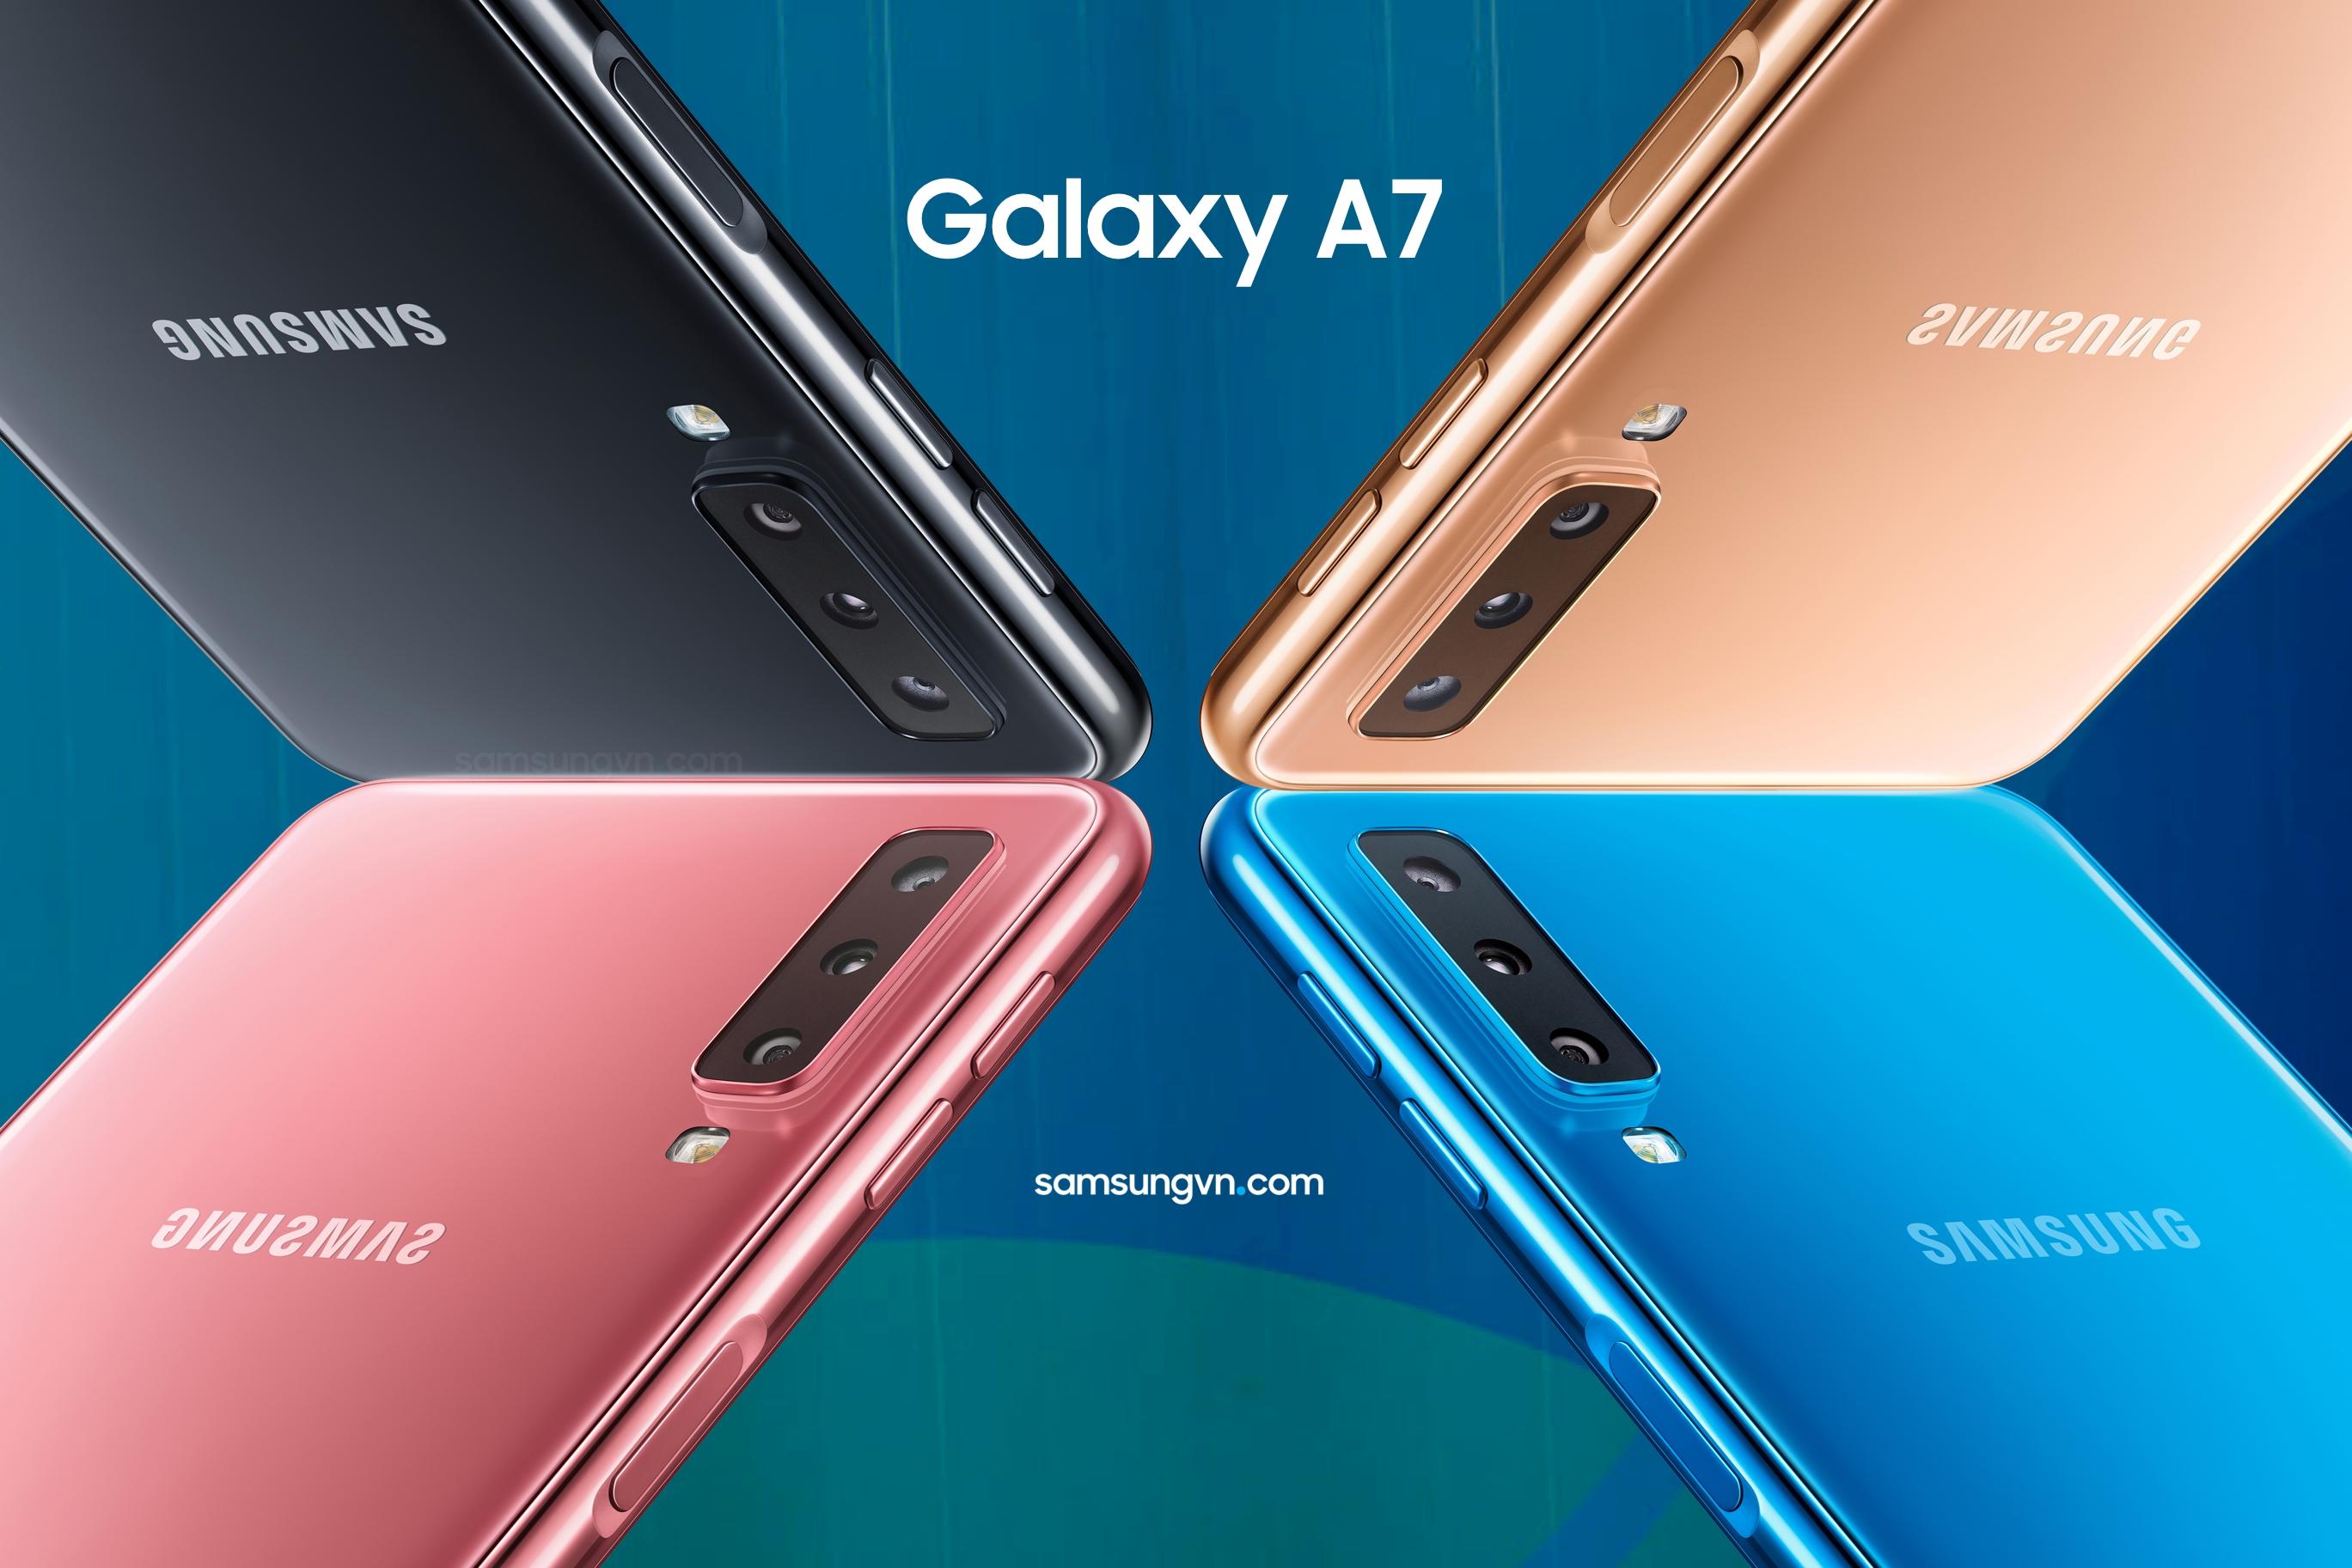 Không phải phân khúc cao cấp, Galaxy A7 mới chiếc smartphone 3 camera đầu tiên của Samsung